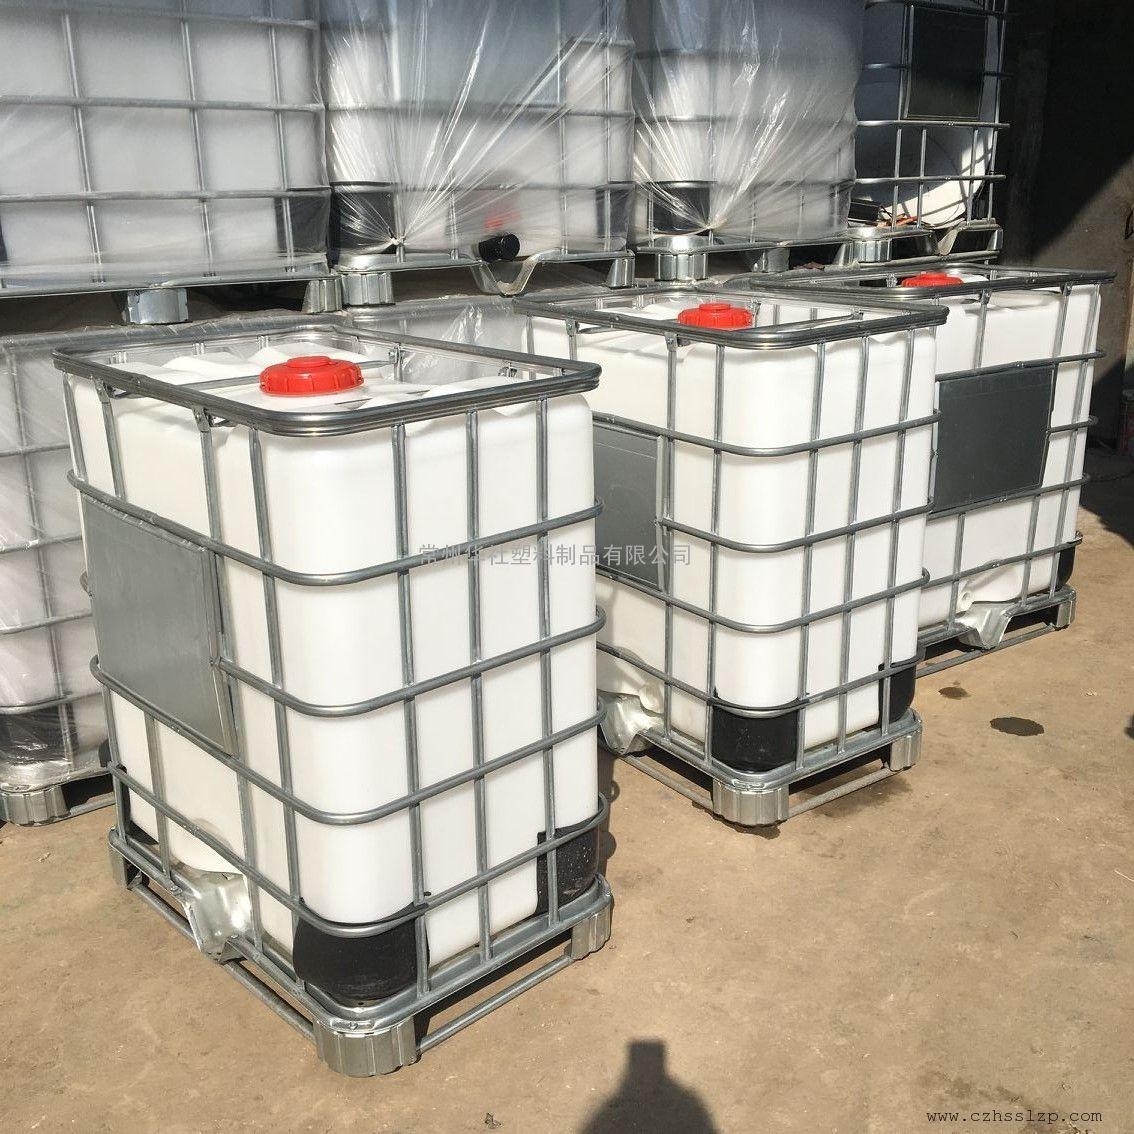 全新500L塑料IBC半吨桶 500Lpe集装通方形带框架化工运输桶